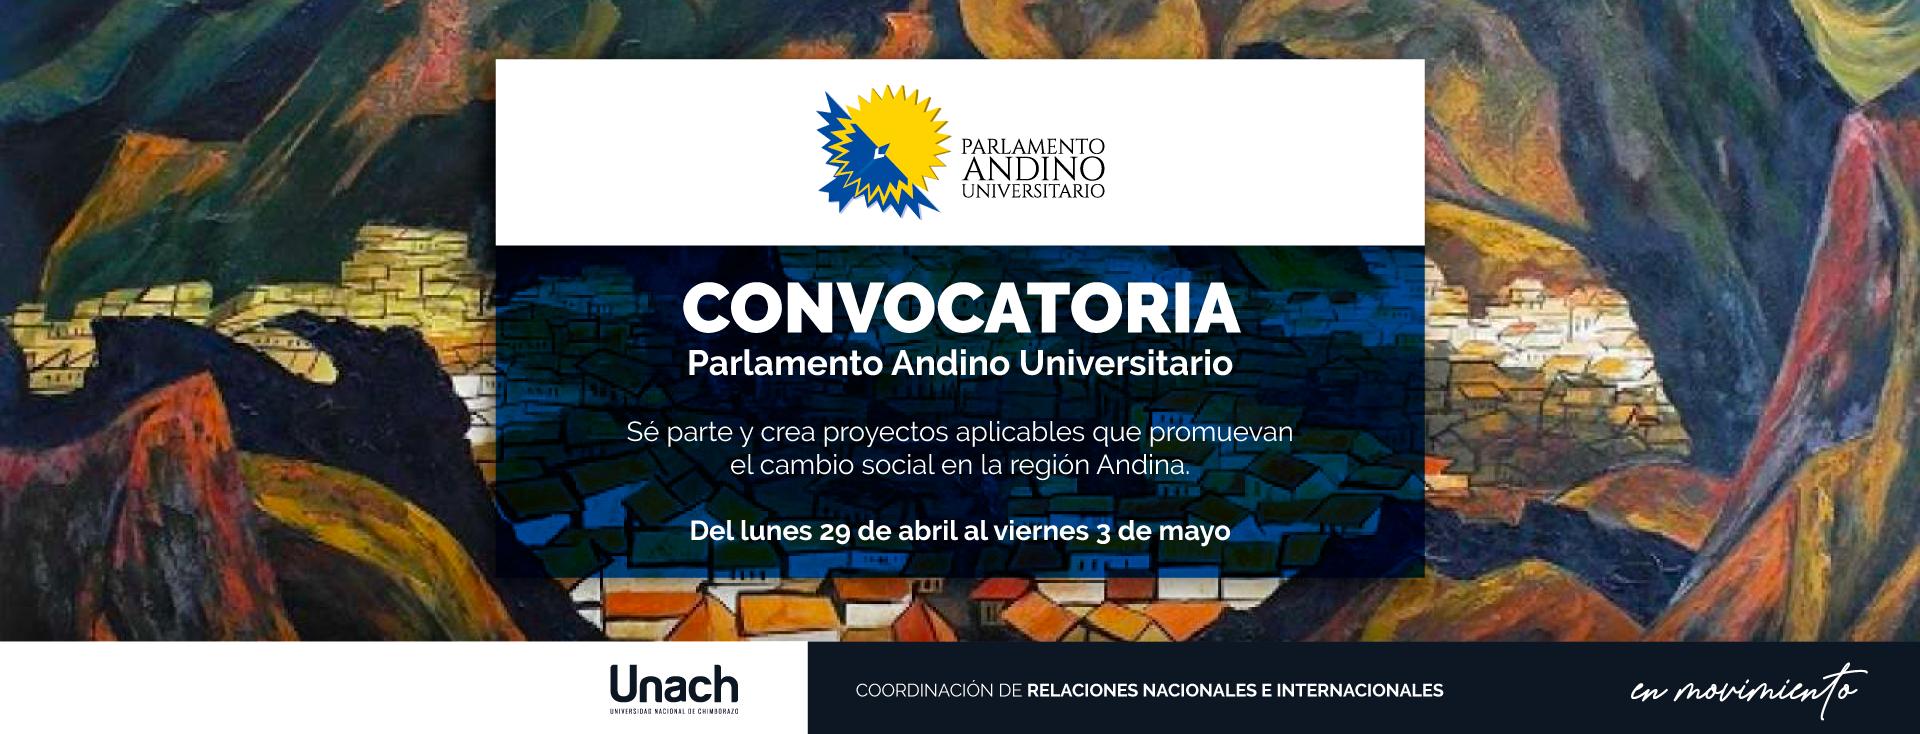 SÉ PARTE Y CREA PROYECTOS APLICABLES QUE PROMUEVAN EL CAMBIO SOCIAL EN LA REGIÓN ANDINA